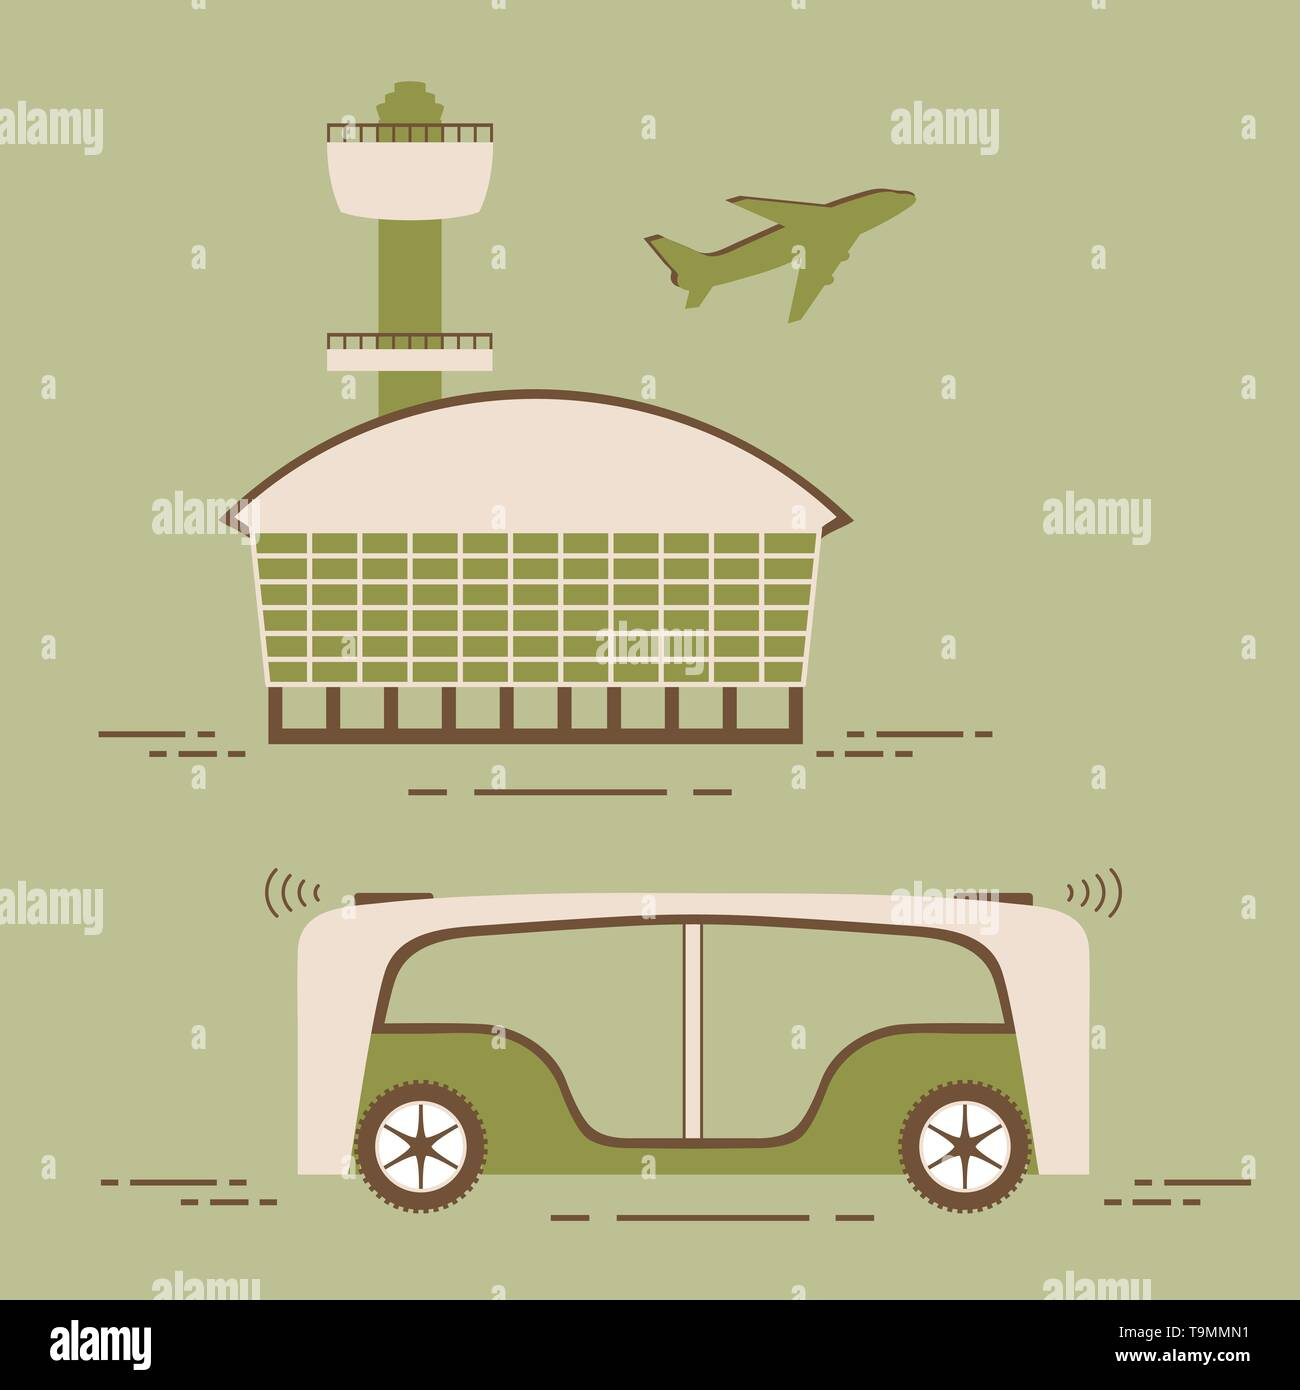 Selbstfahrer Transport der Passagiere zum Flughafen. Automatisierte Bus, autonome Fahrzeug, fahrerlose Bus. Den wissenschaftlichen und technischen Fortschritt. Neue techn Stockbild